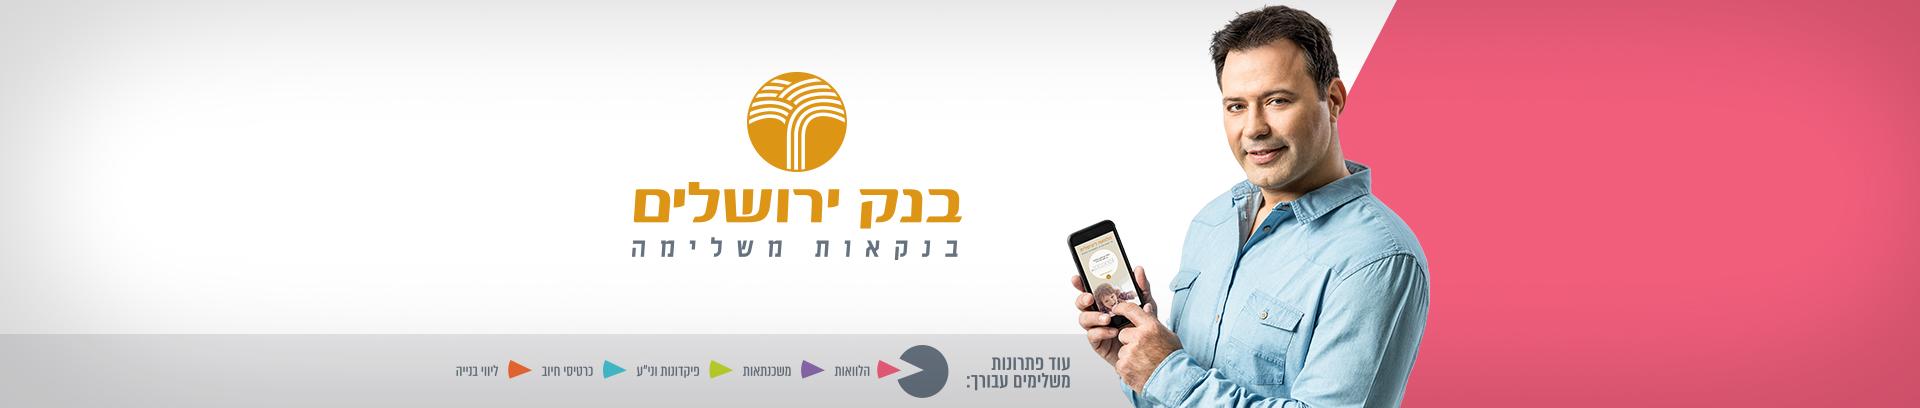 בנק ירושלים – הלוואה לוקחים רק מבנק